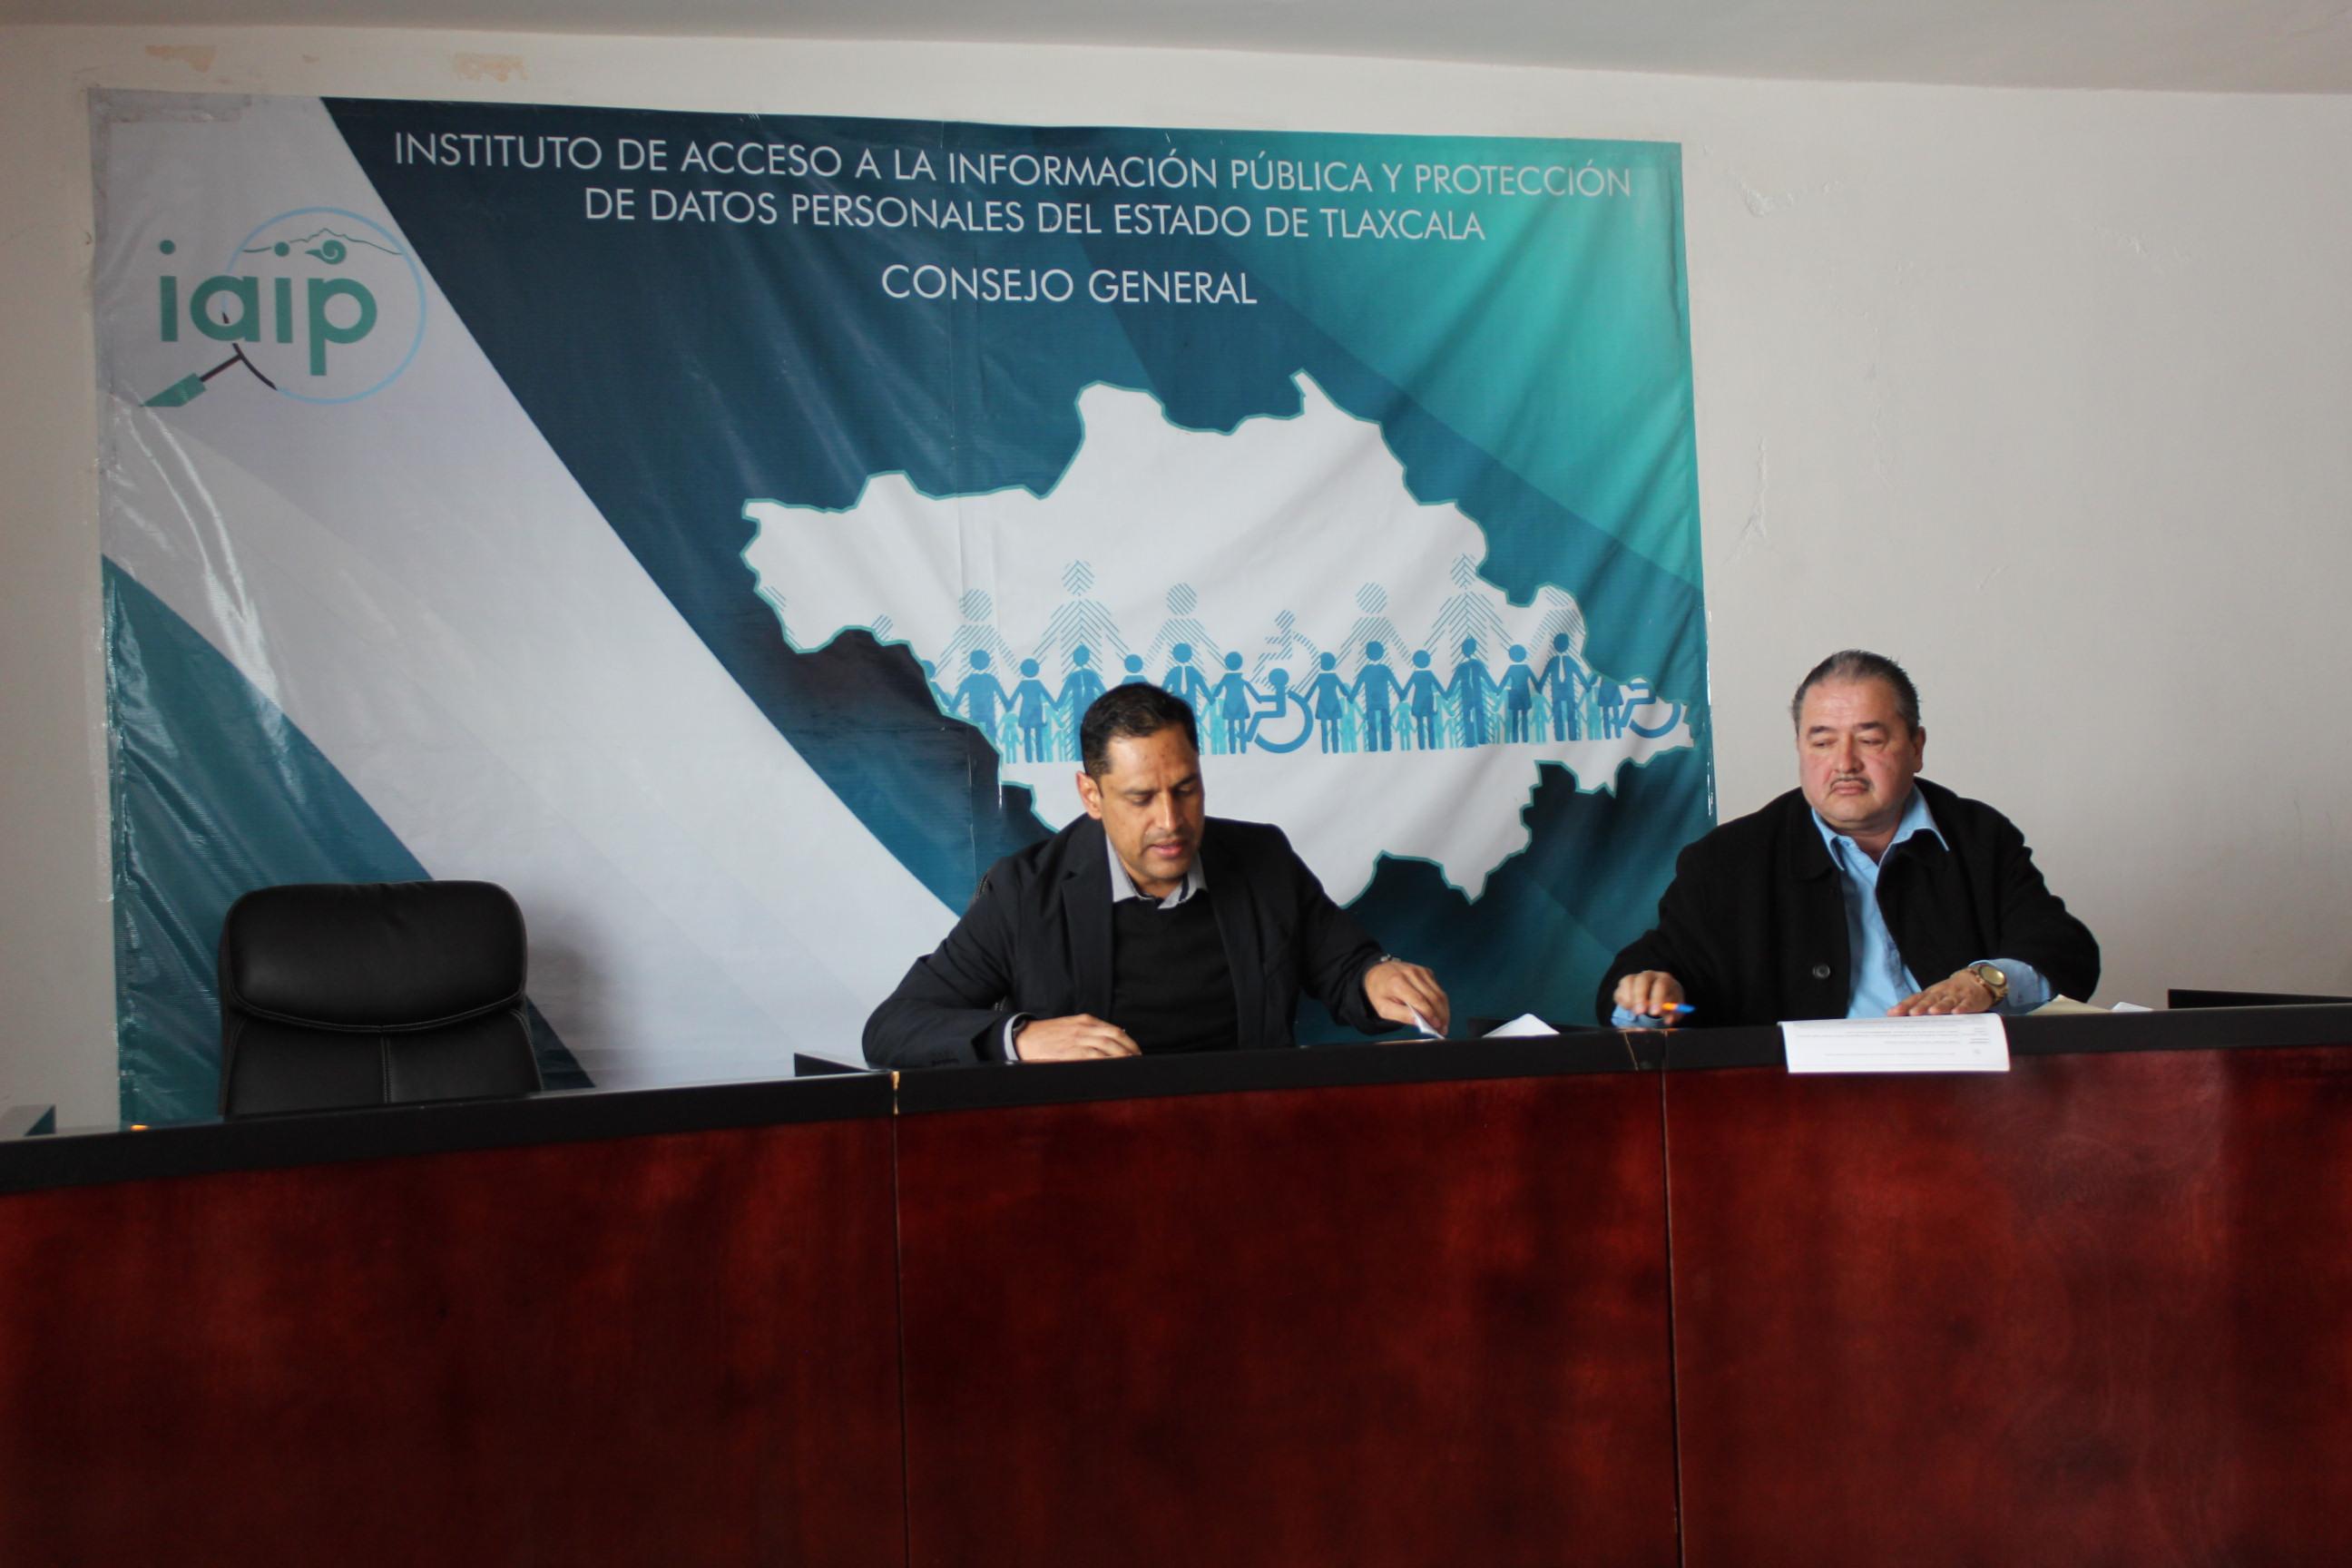 Propone presidente de IAIP 30 enero como Día del Derecho a la Información Pública